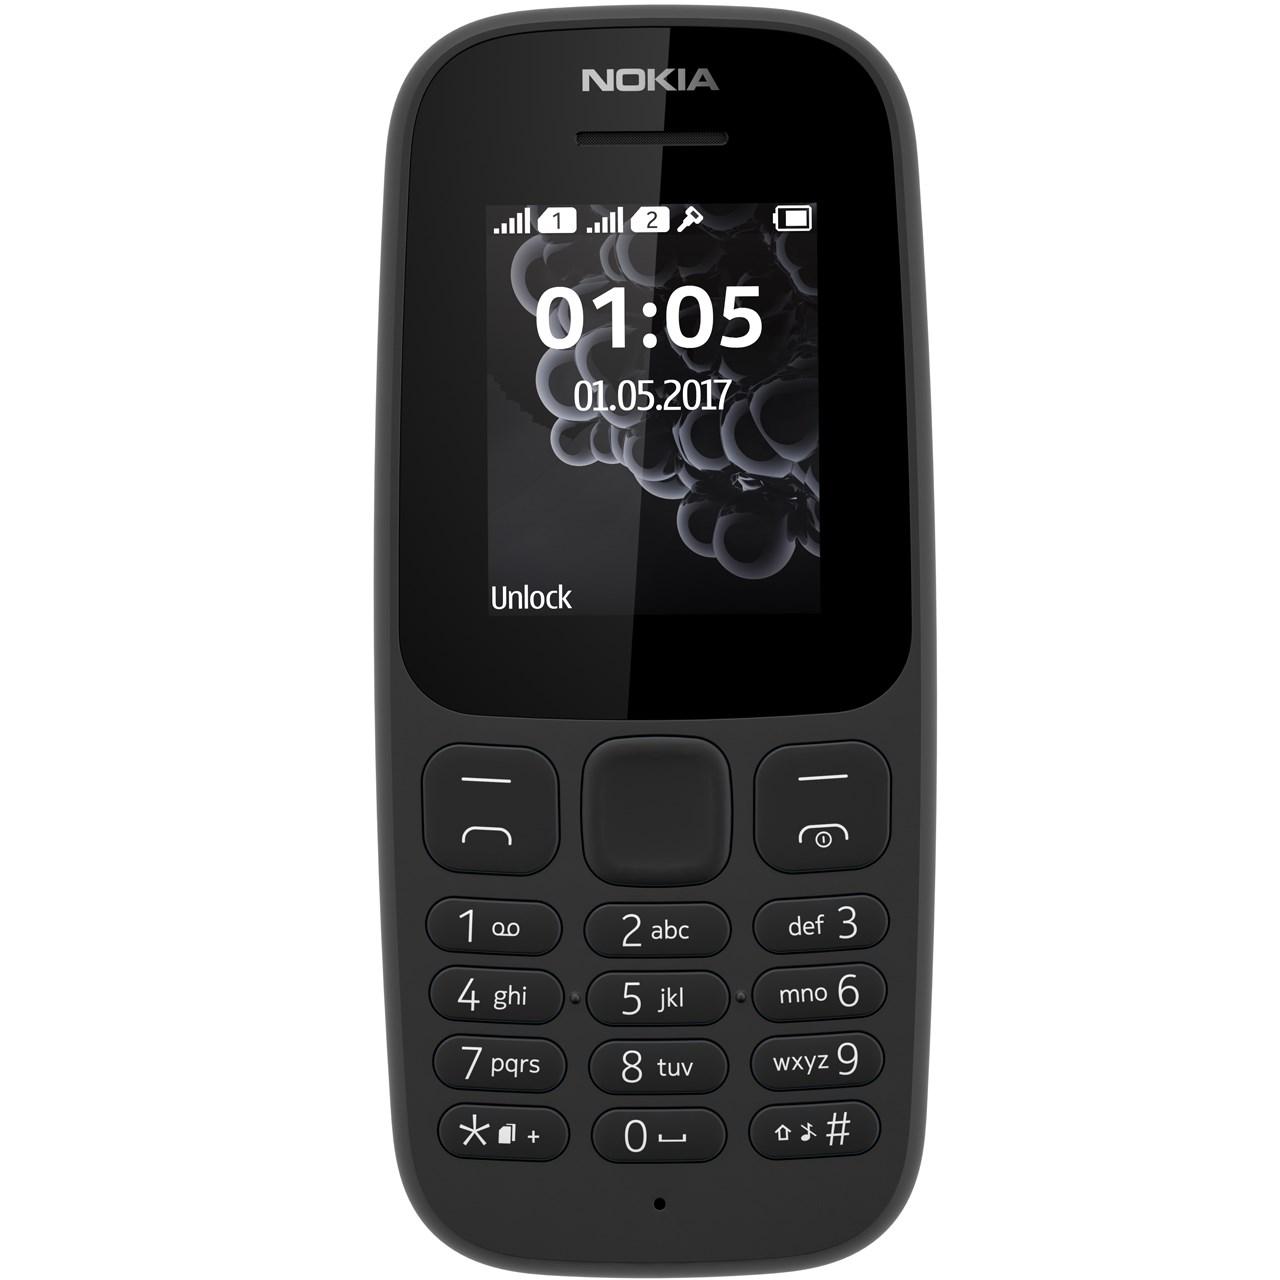 گوشی موبایل نوکیا مدل 105 (2017) دو سیم کارت - با قیمت ویژه